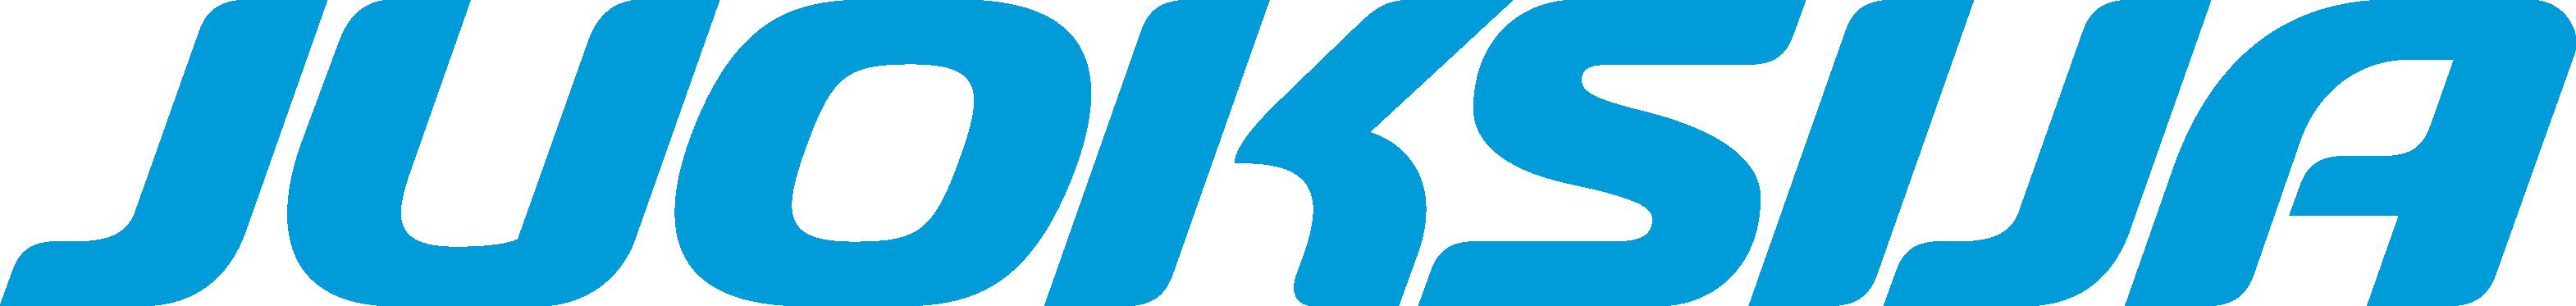 Juoksija_logo